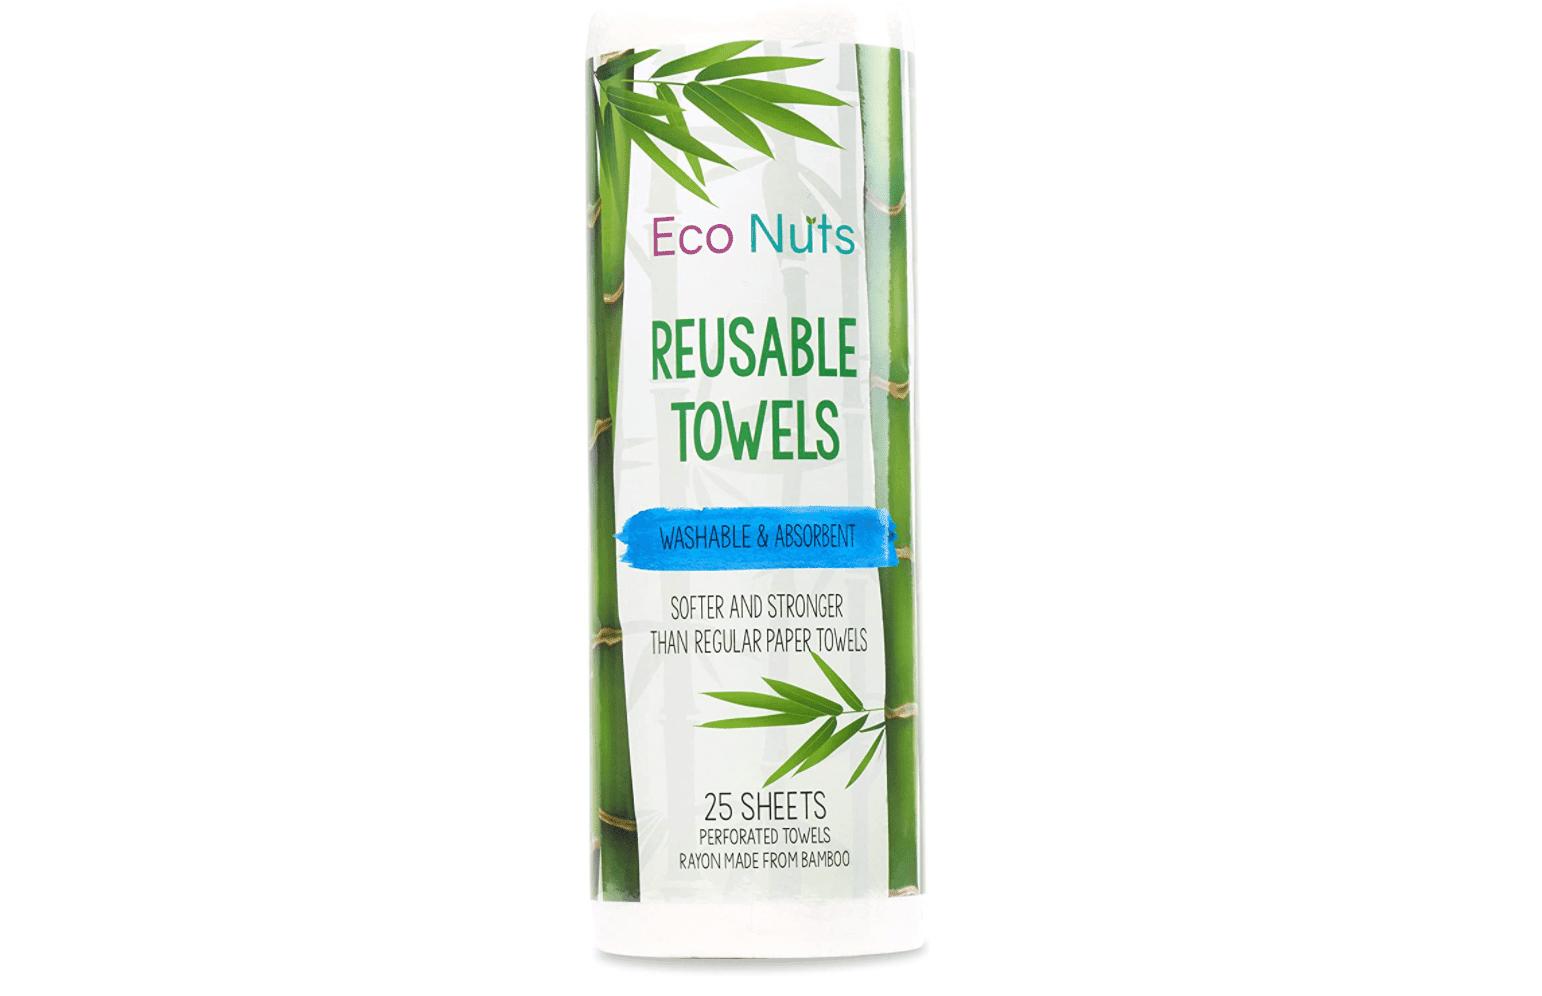 eco nuts reusable towels